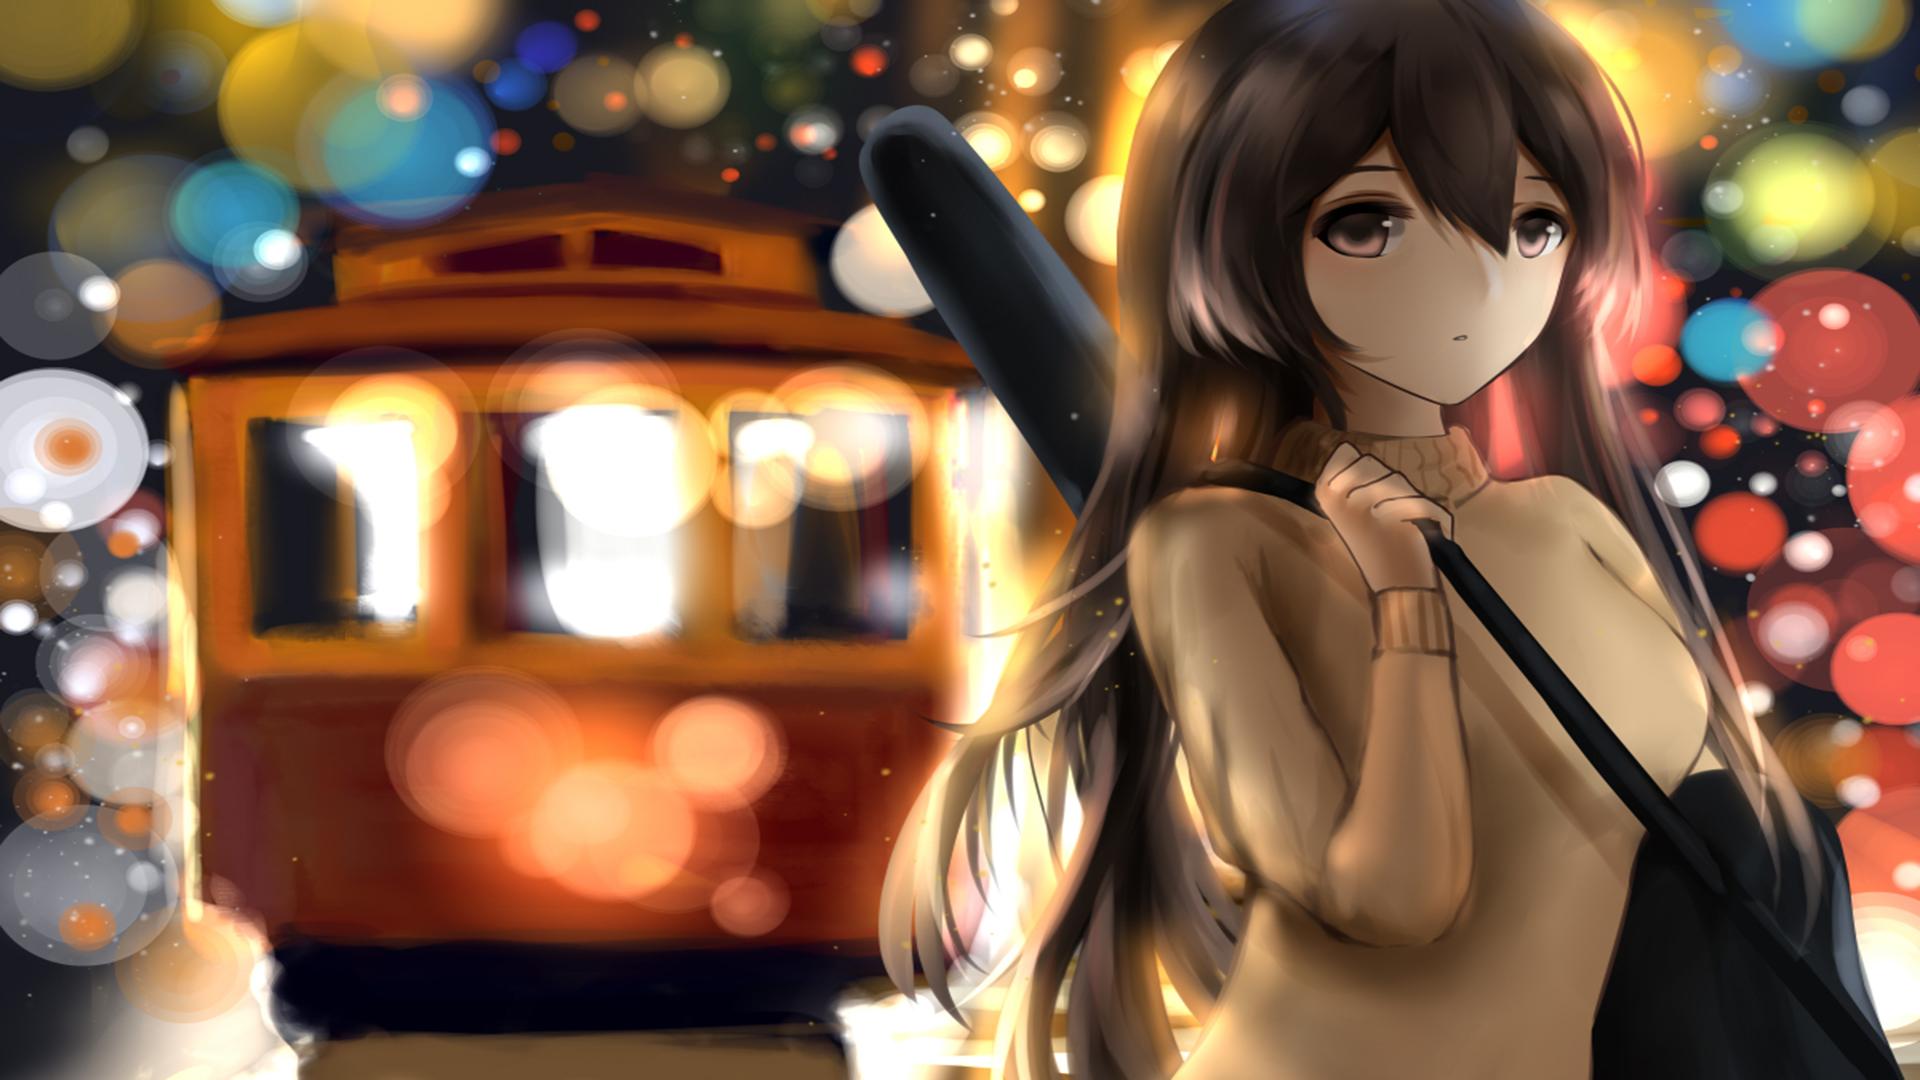 Download 740 Koleksi Wallpaper Anime Cantik Keren HD Paling Keren